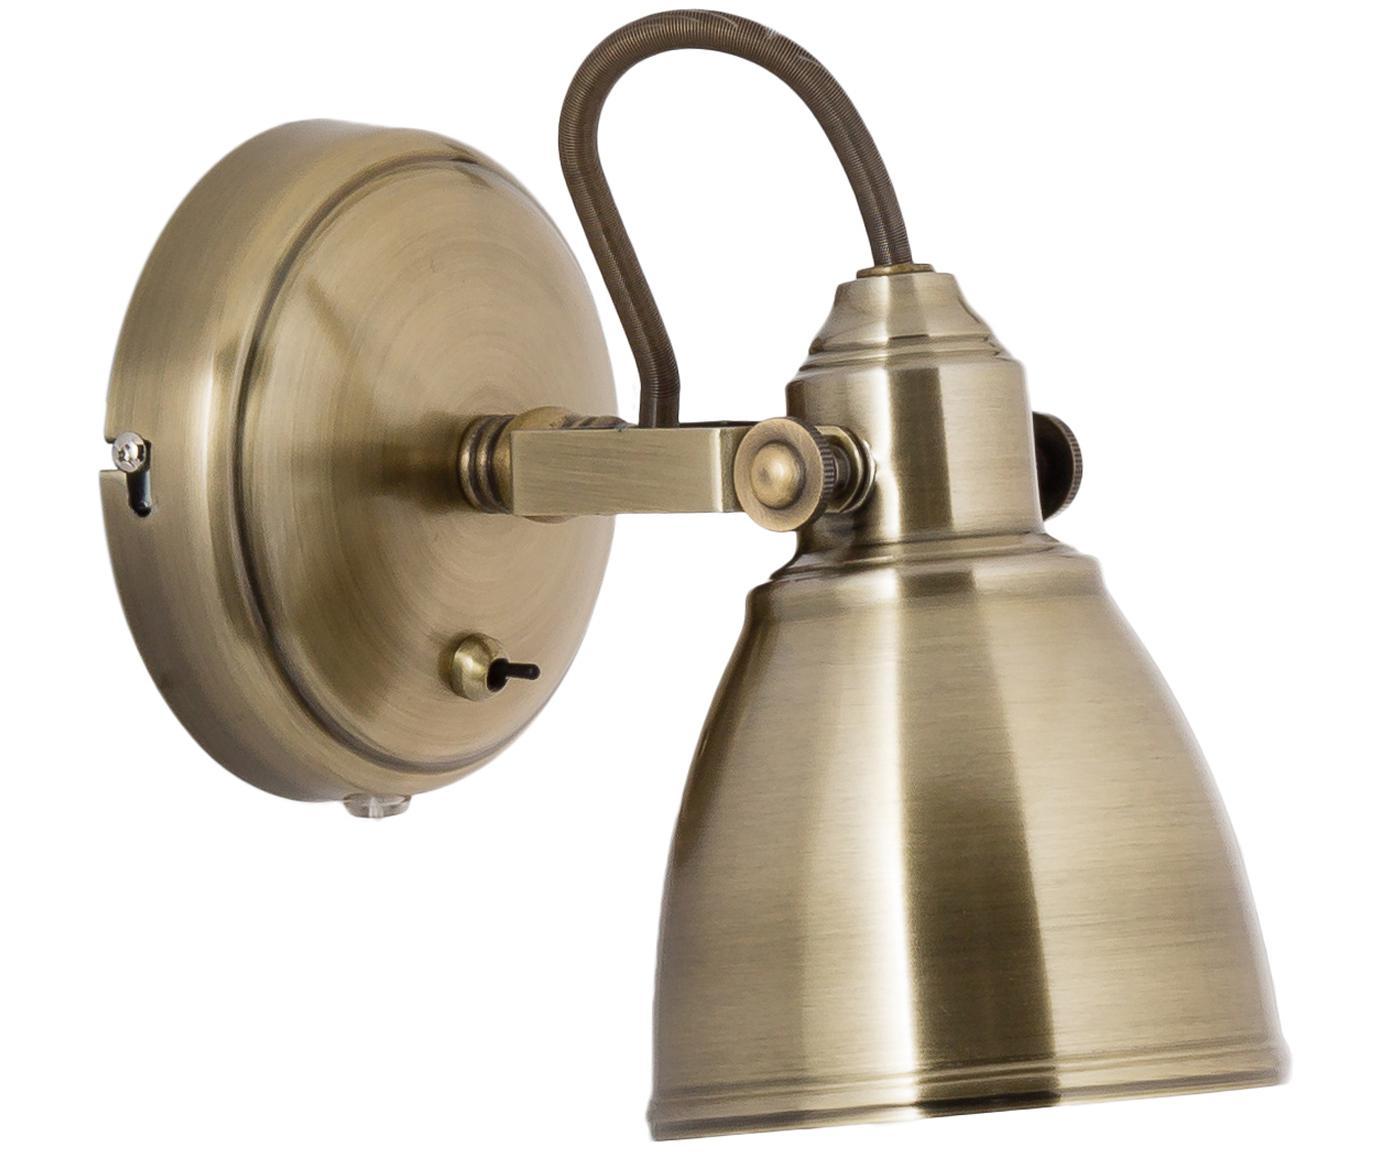 Wandlamp Fjallbacka met stekker, Lamp: gecoat metaal, Goudkleurig met antieke afwerking, 12 x 17 cm